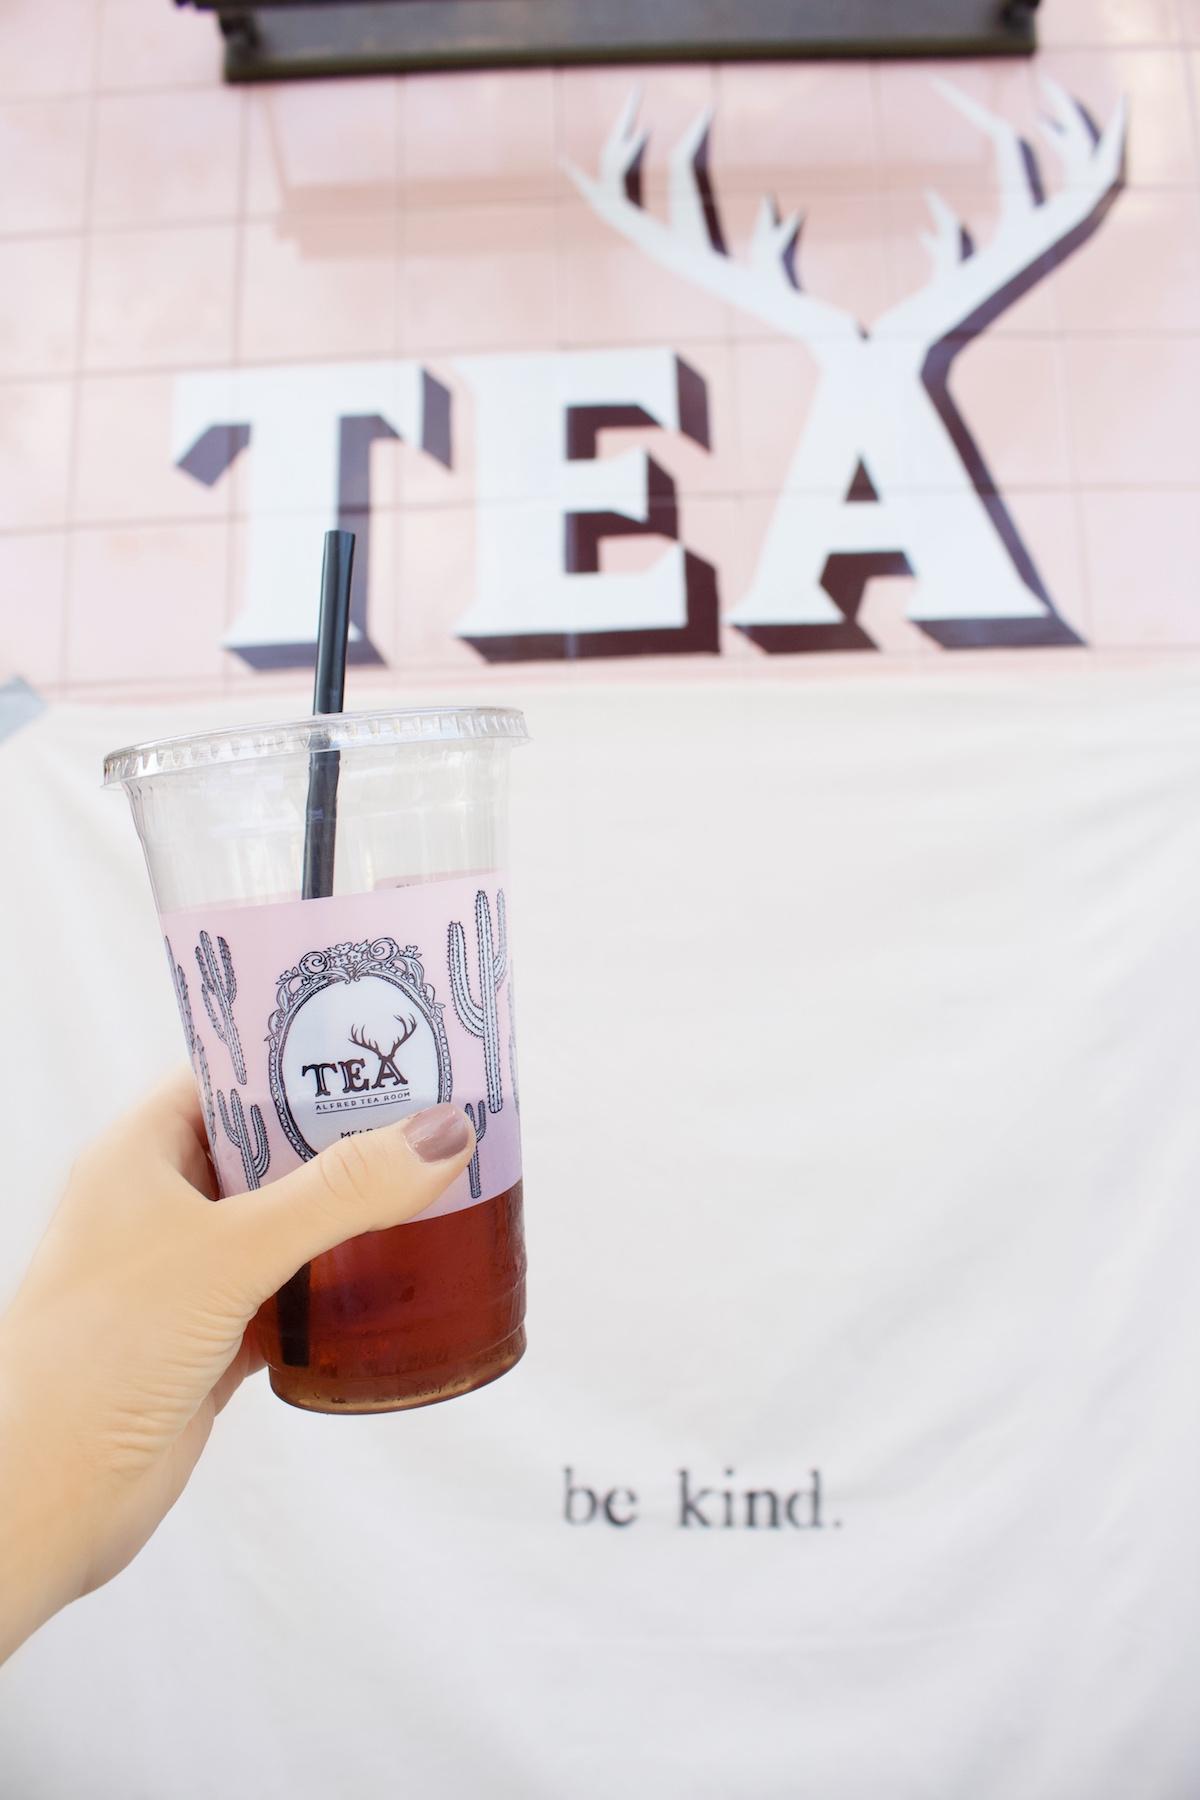 alfred tea melrose